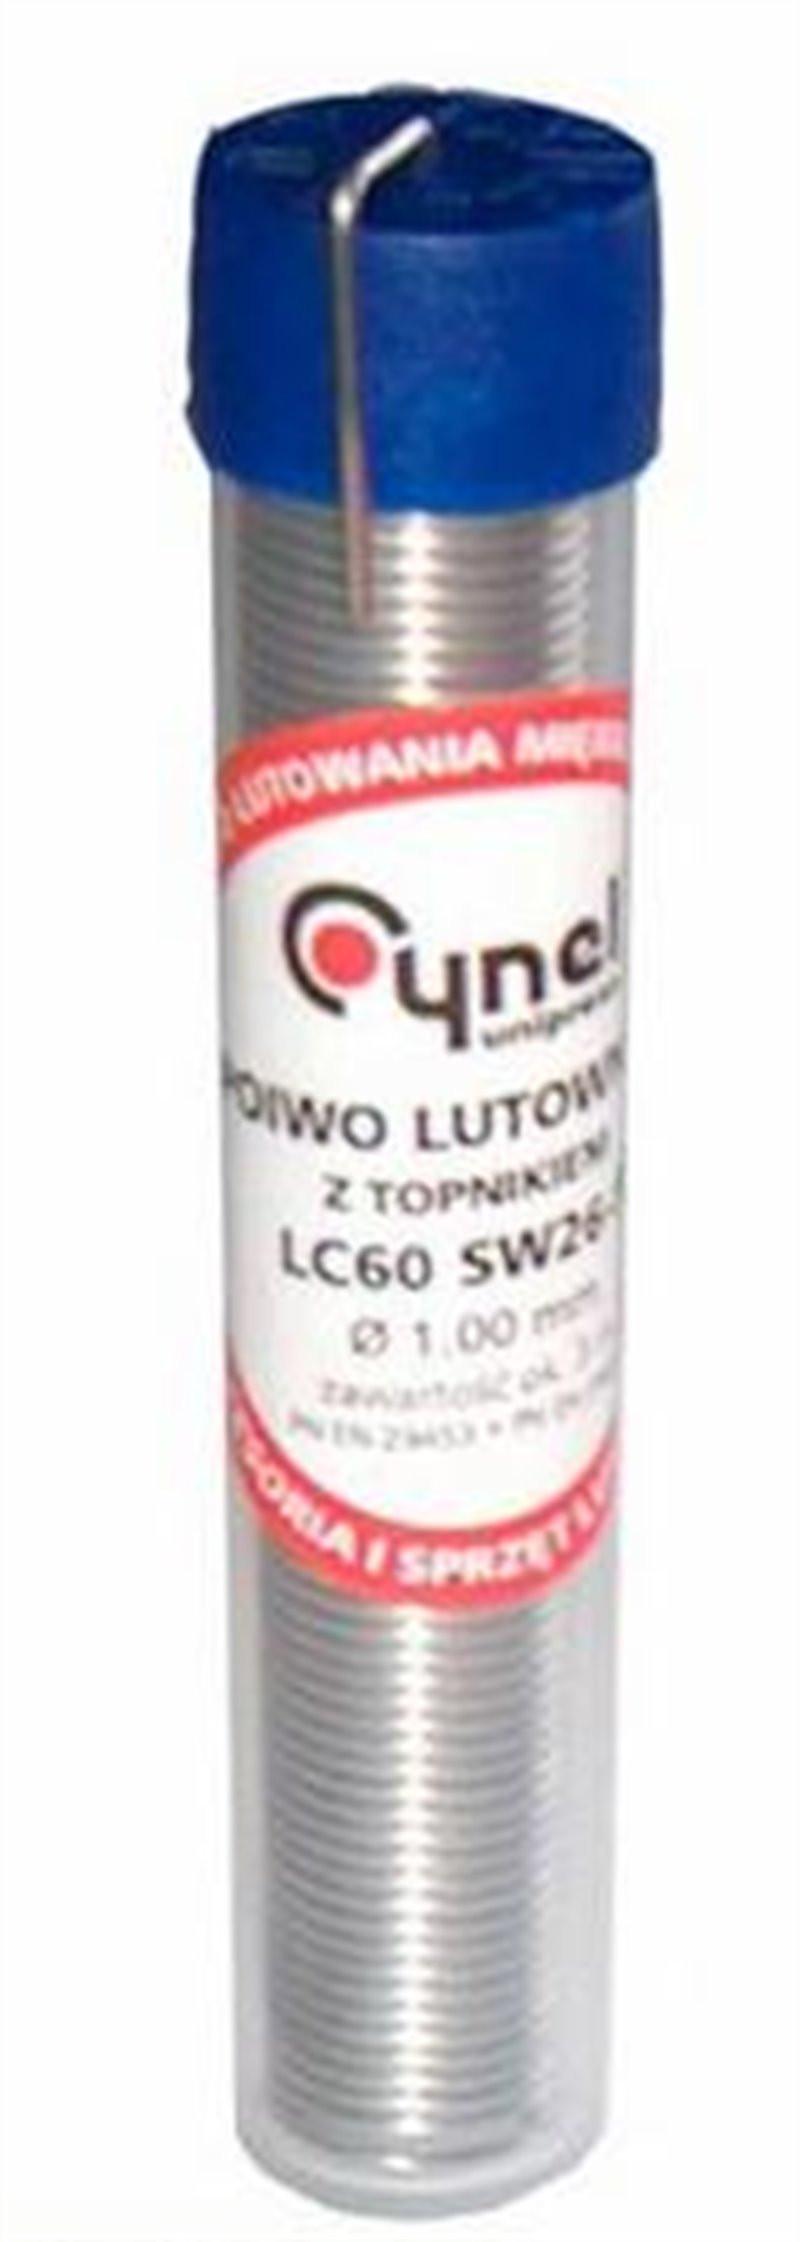 Cyna fiolka 1mm 10g Cynel